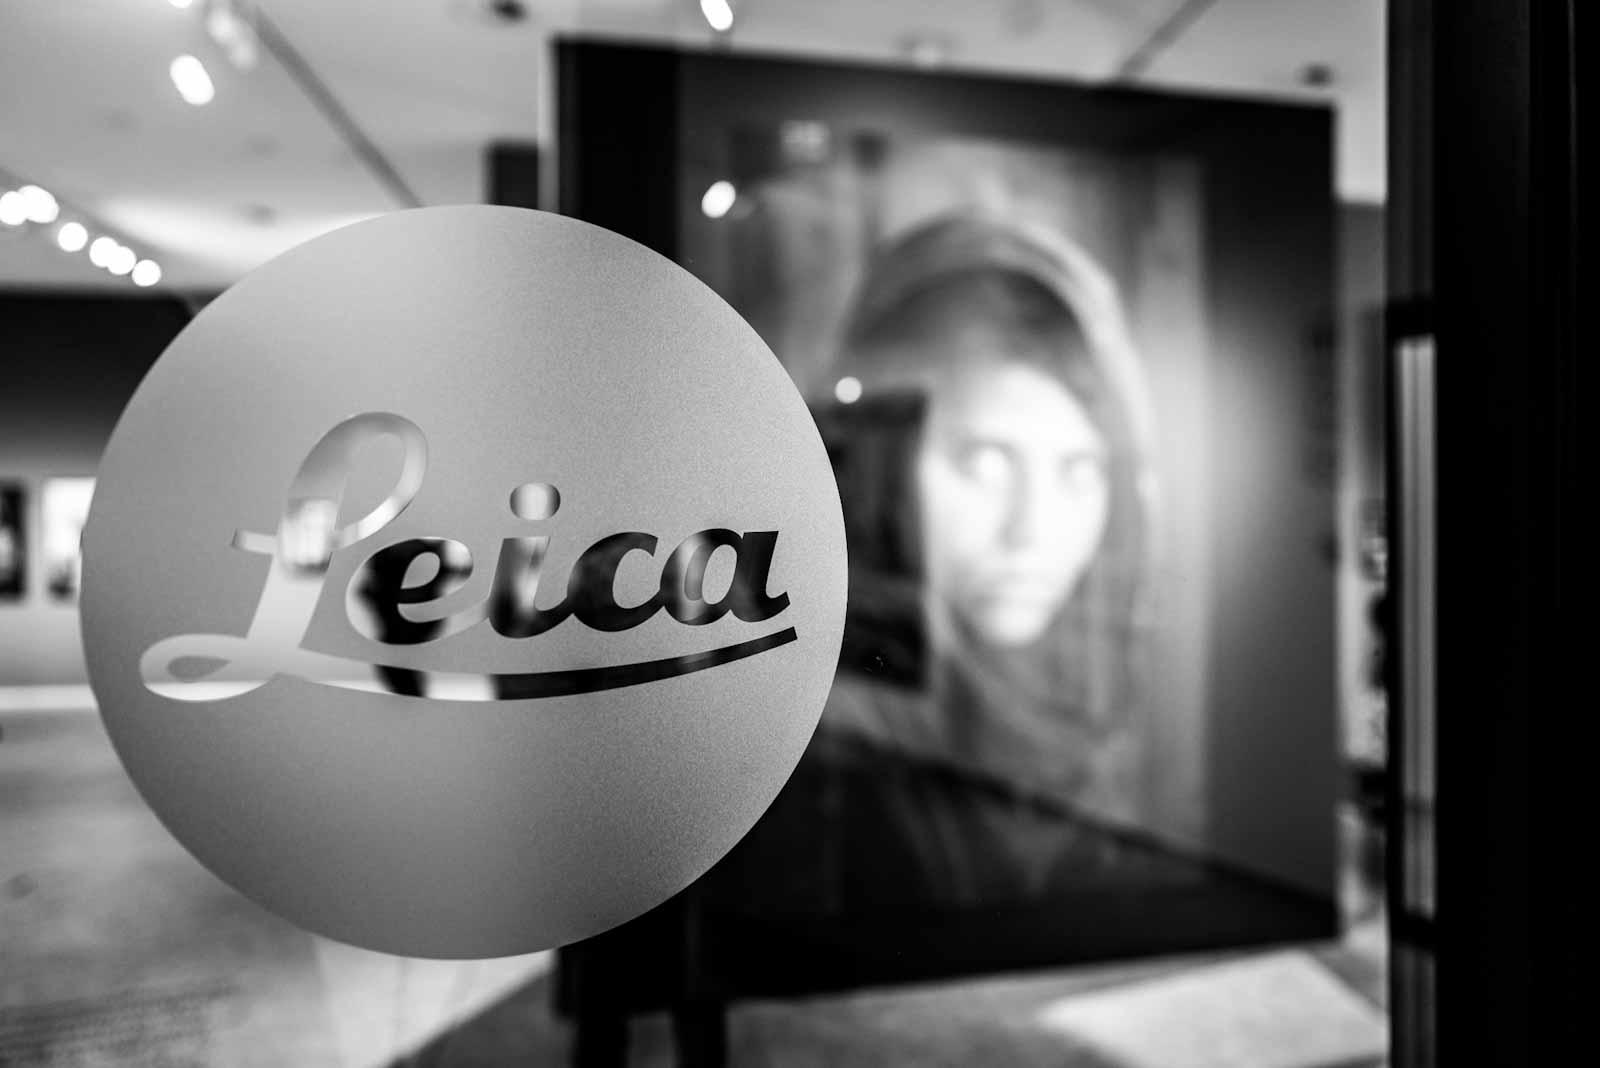 #WeeklyBoys - 38 - #BeWeekly - Leica - Steve McCurry